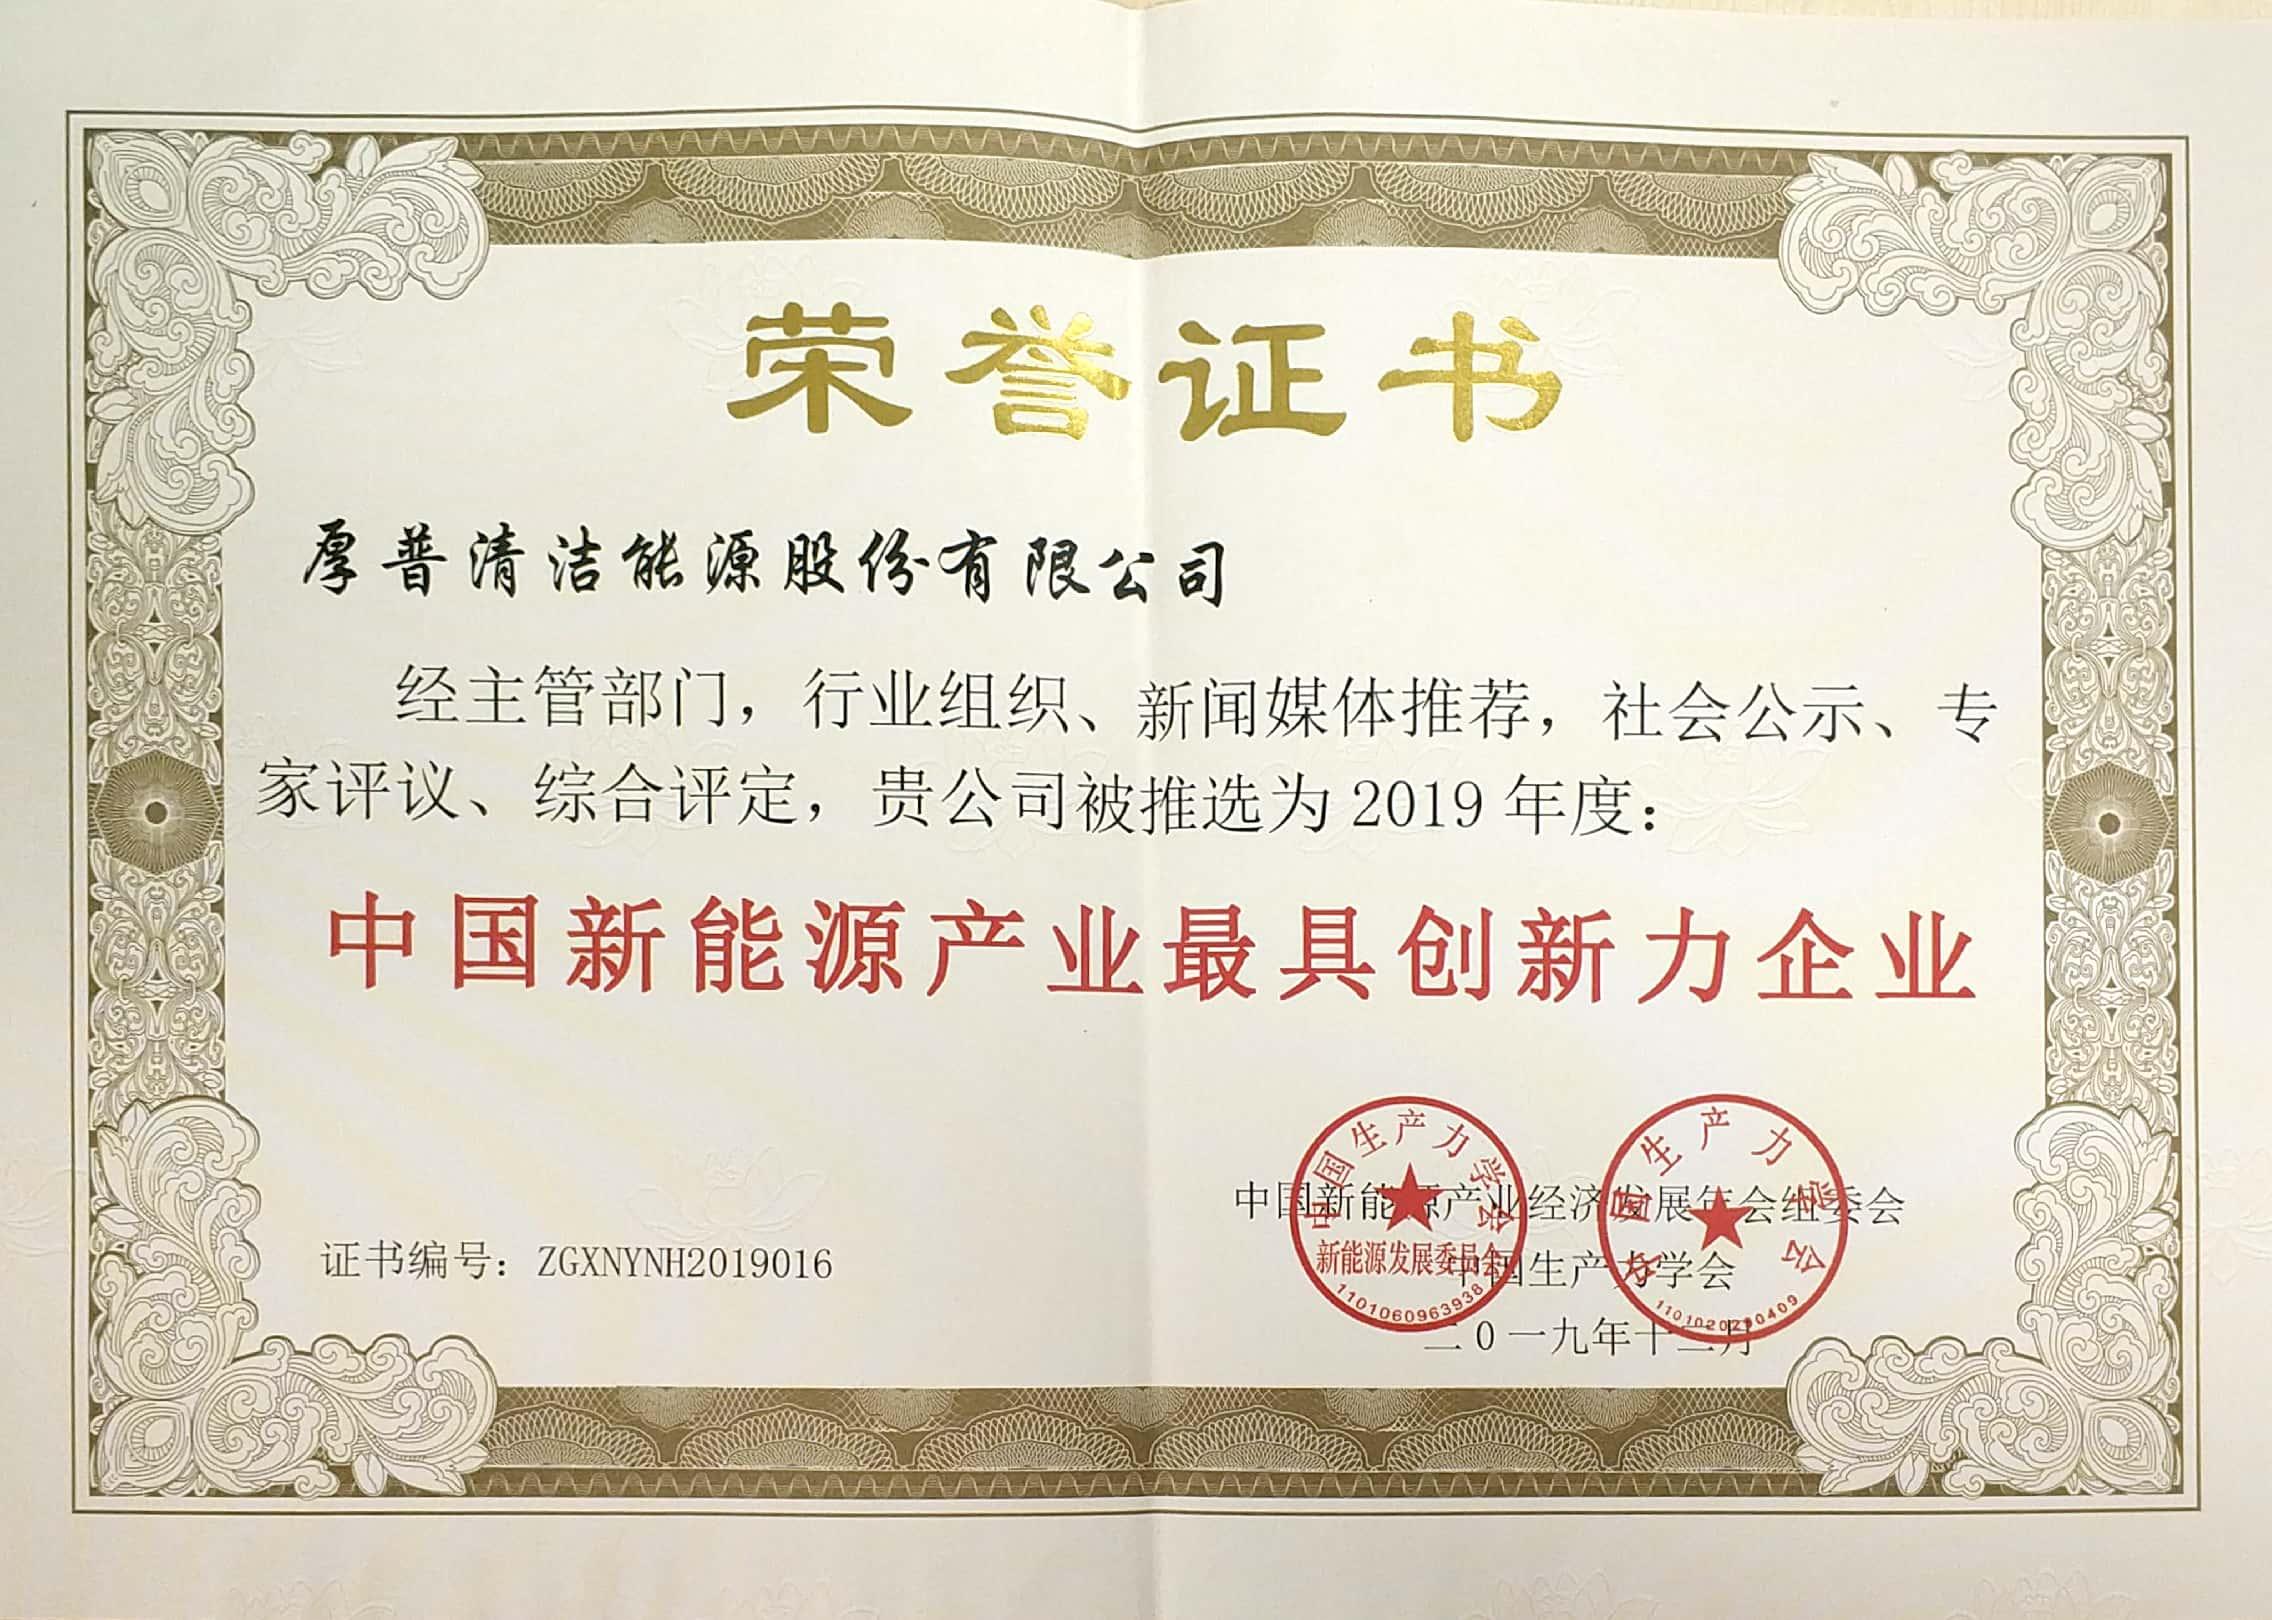 05-75-中国新能源产业最具创新力企业